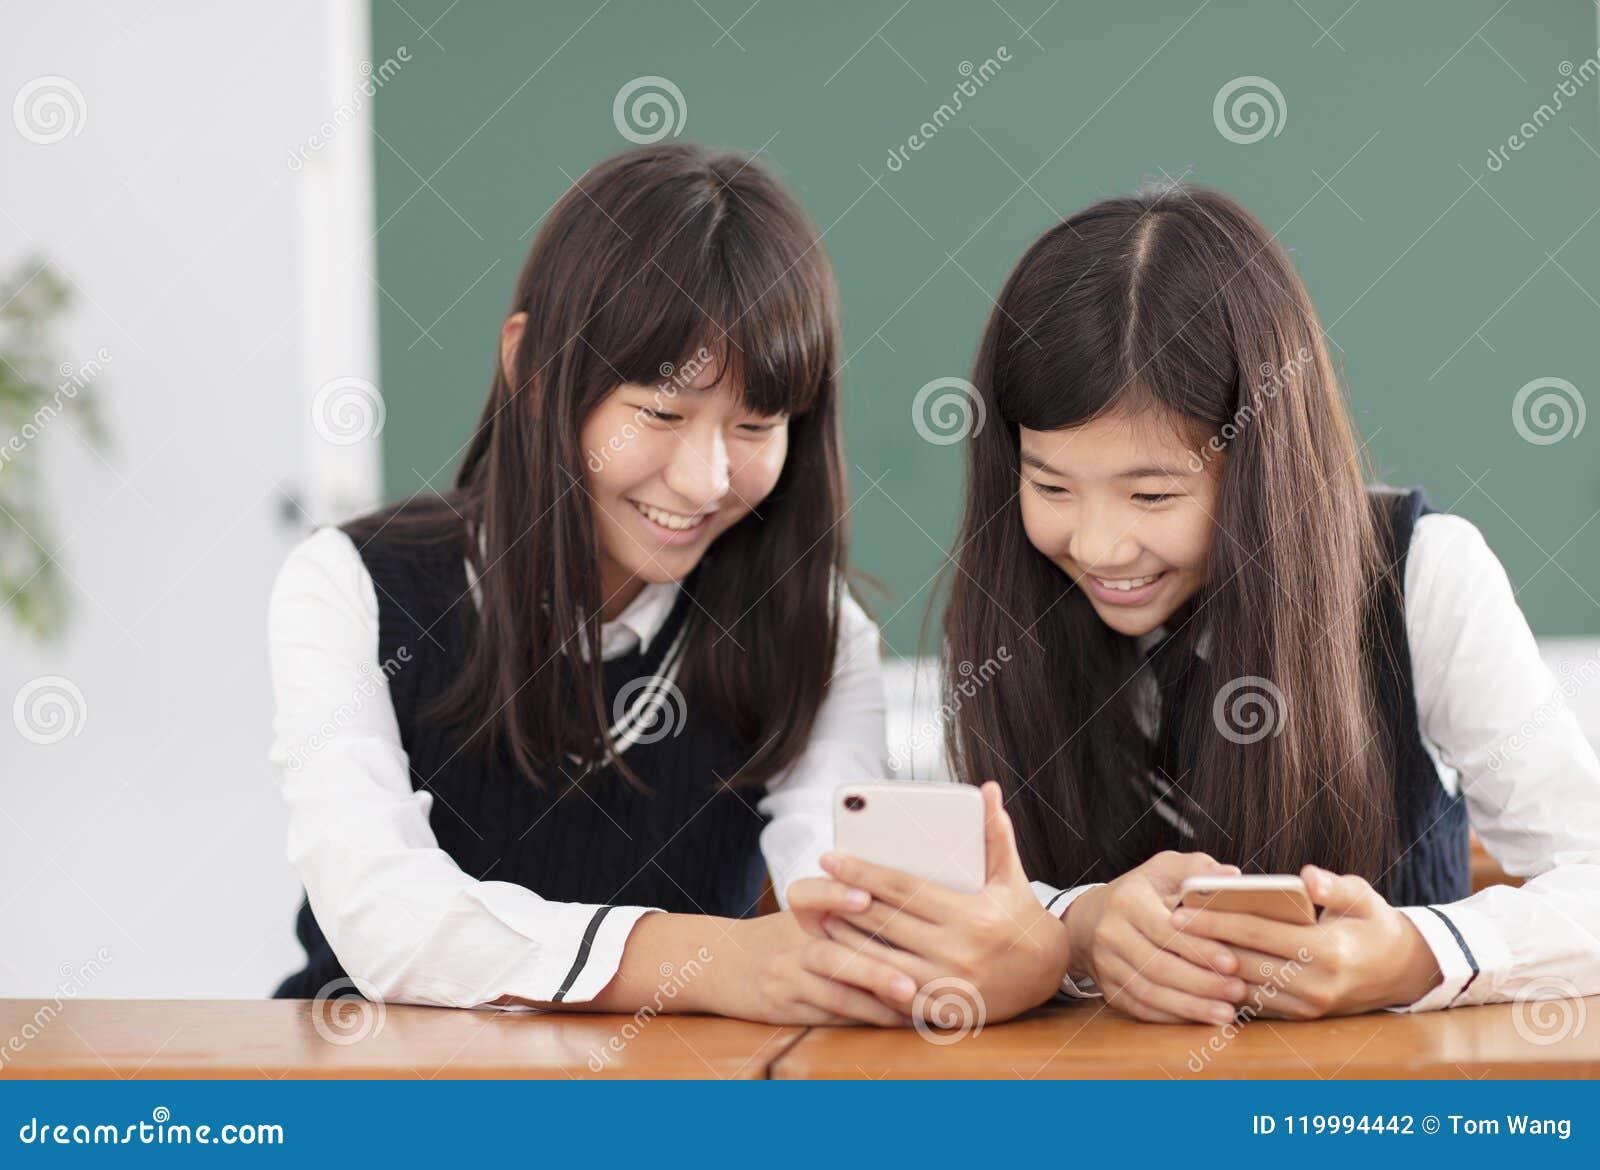 少年观看巧妙的电话的女学生在教室